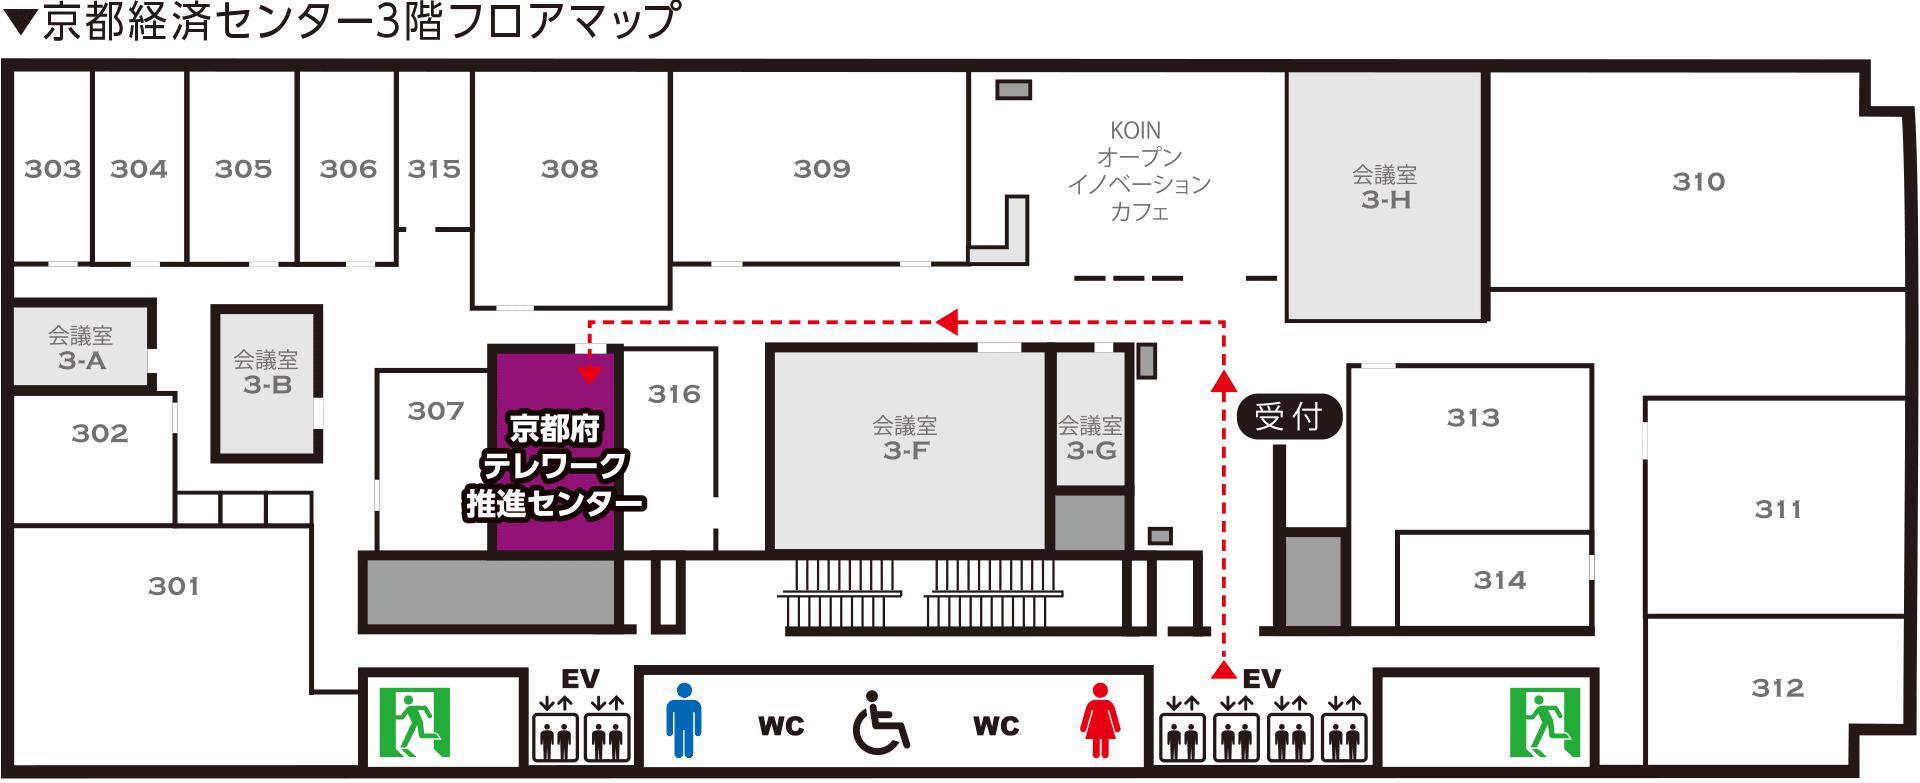 京都経済センター3階フロアマップ